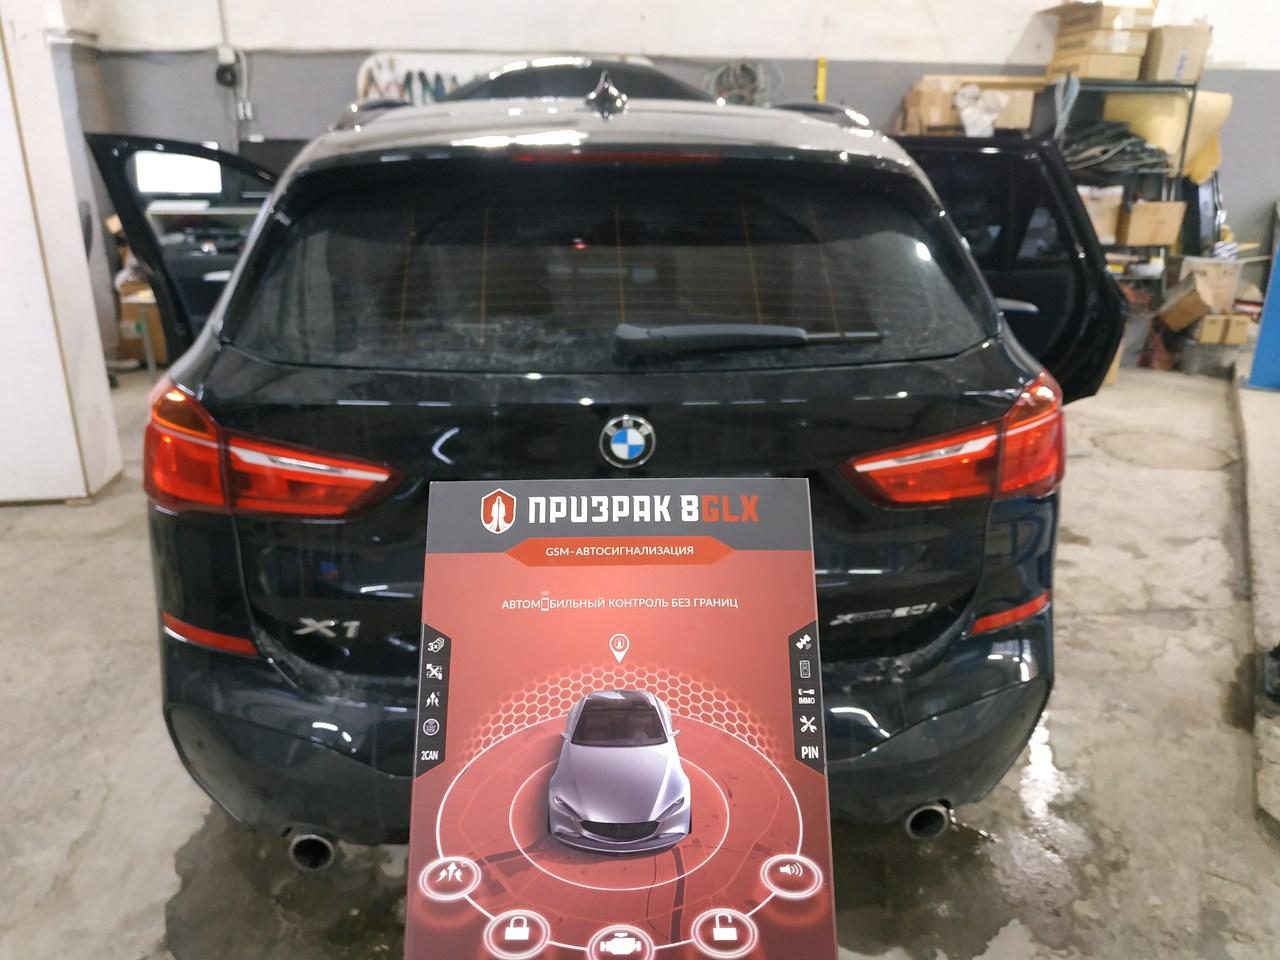 Сигнализация и автозапуск на BMW X1 F48